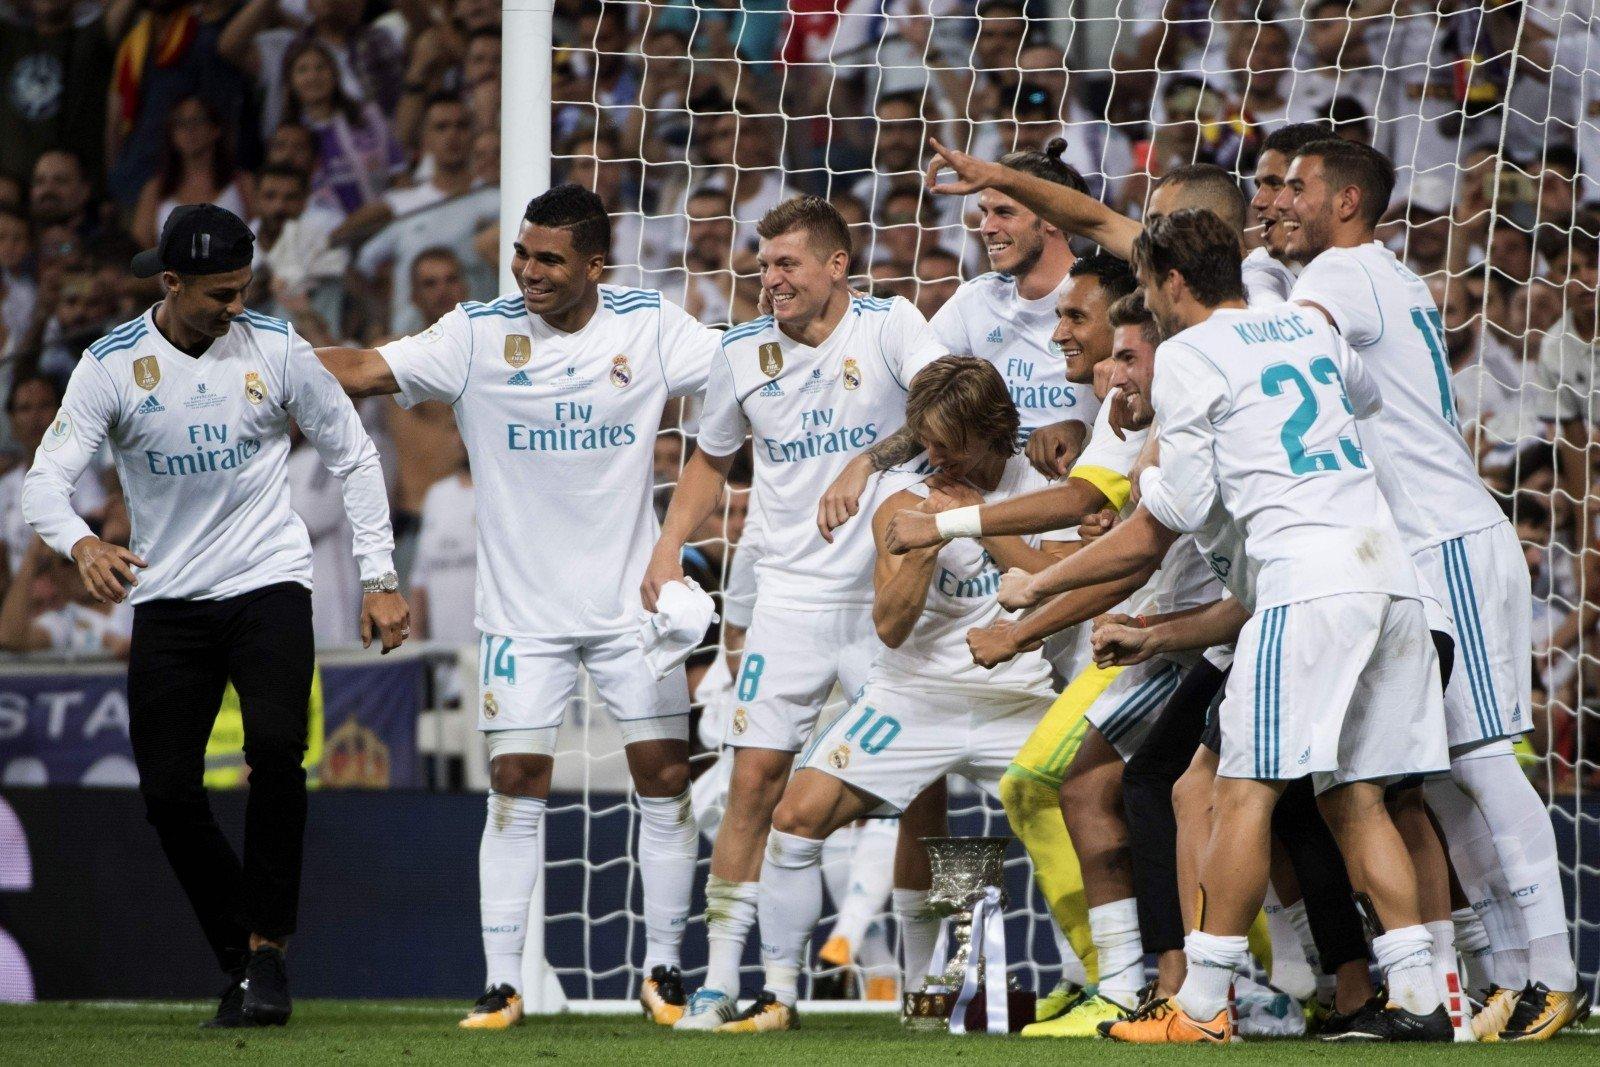 Роналду толкнул арбитра после удаления споля вматче с«Барселоной»